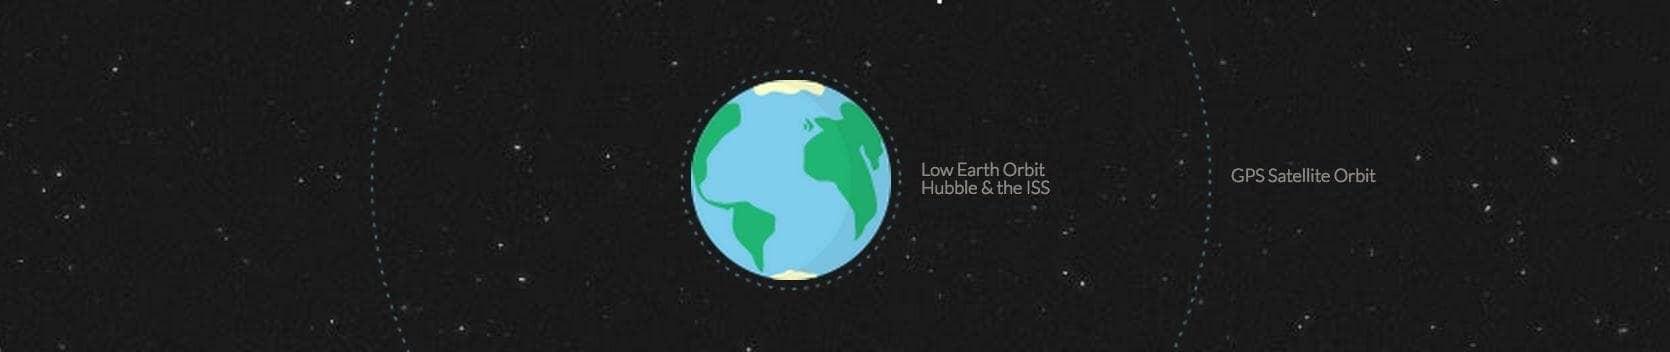 Distancia entre a Terra e Marte